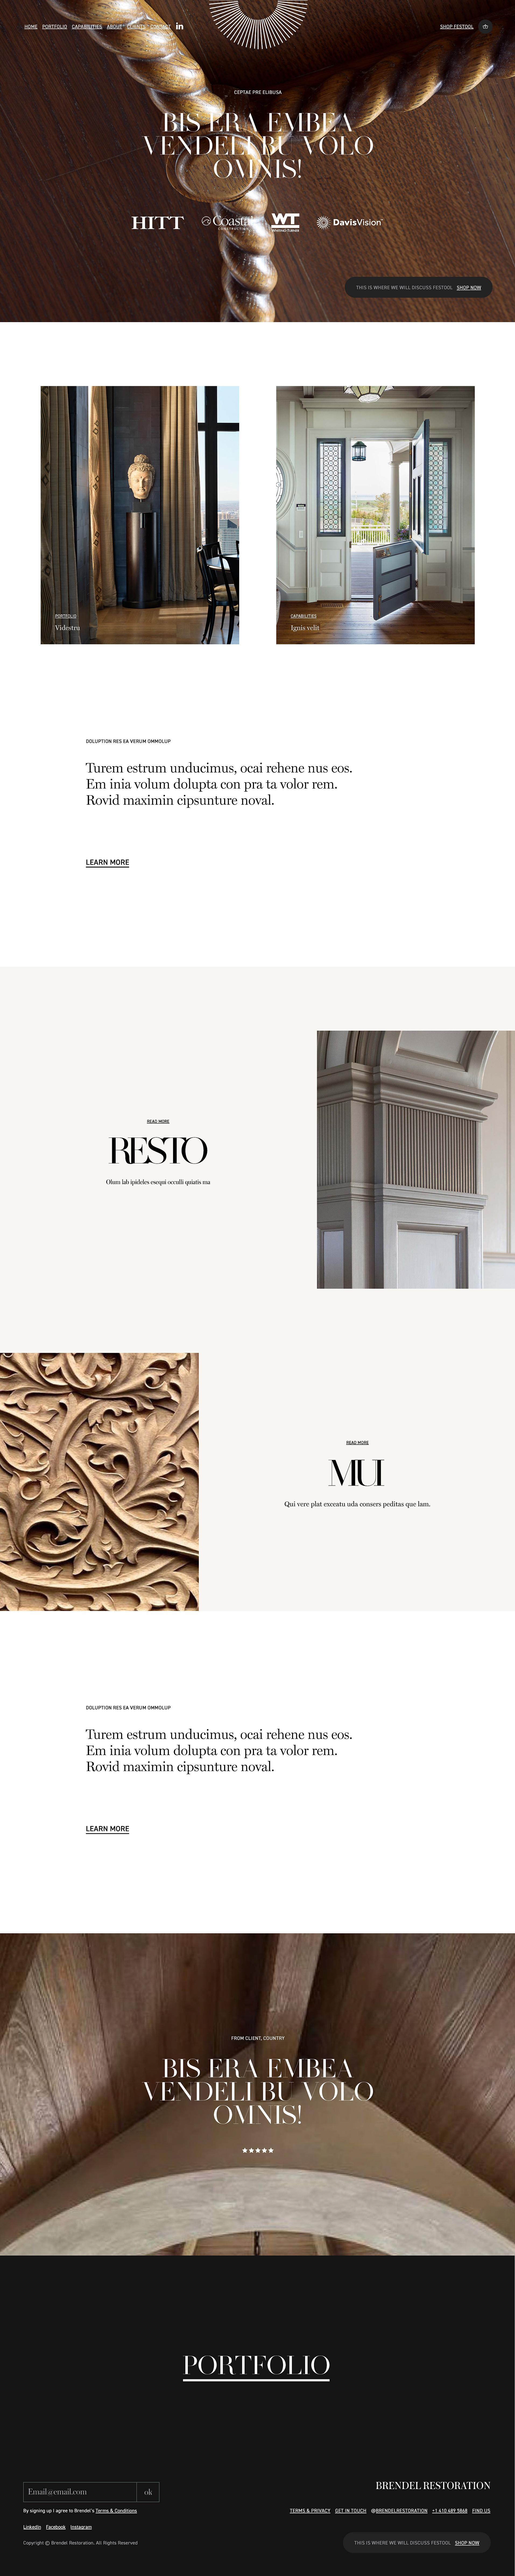 brendel_restoration_website_design_v1.6_